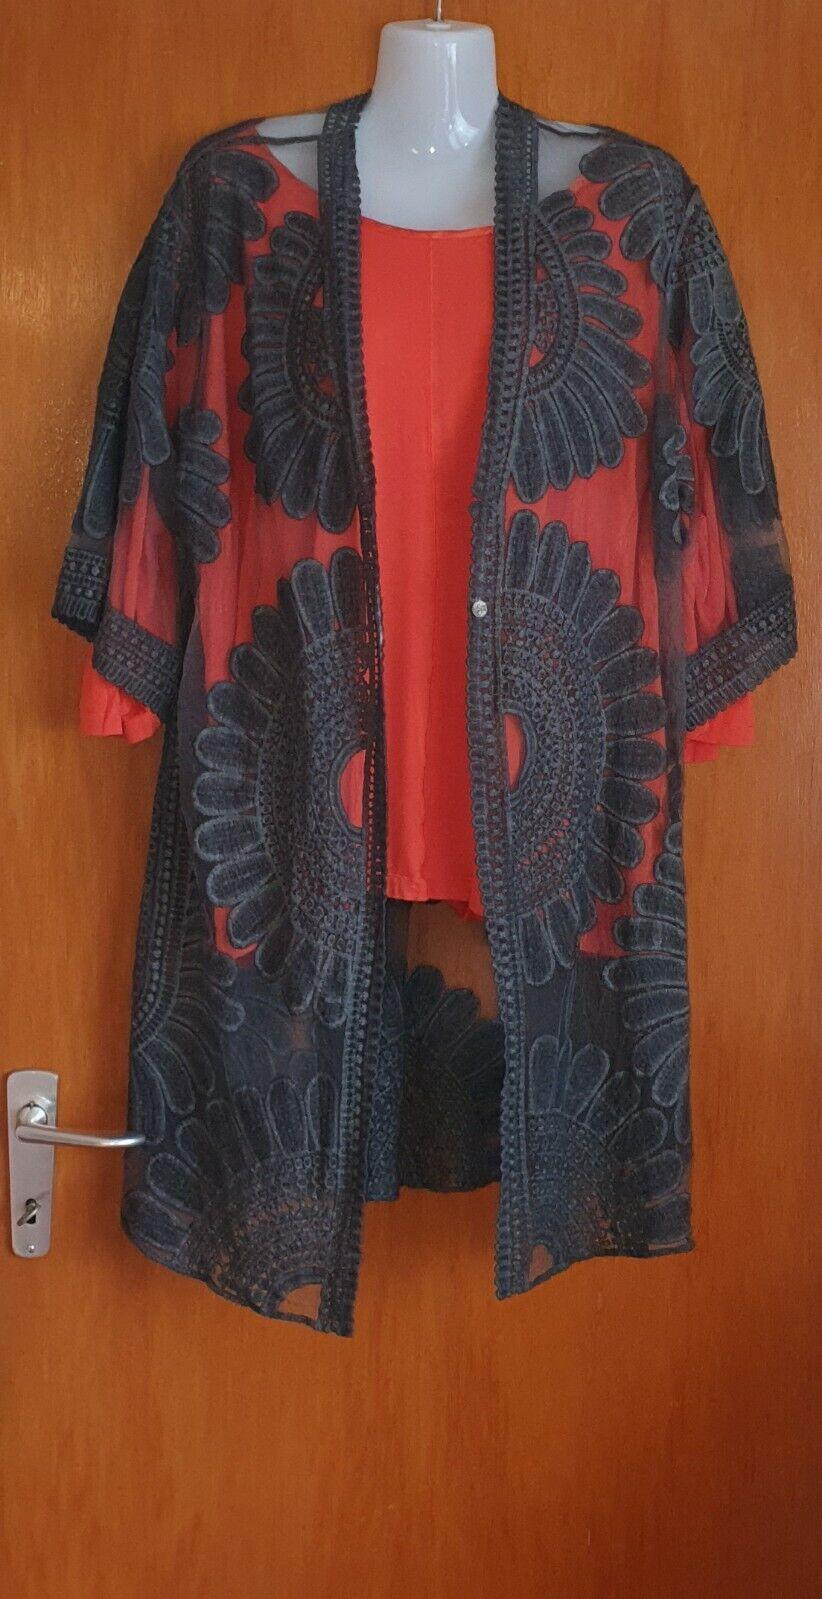 2 Teiler/ Tredy Jacke/ Überwurf,Transparent/ Bluse, Tshirt/ Dunkelgrau/ Gr. 40,